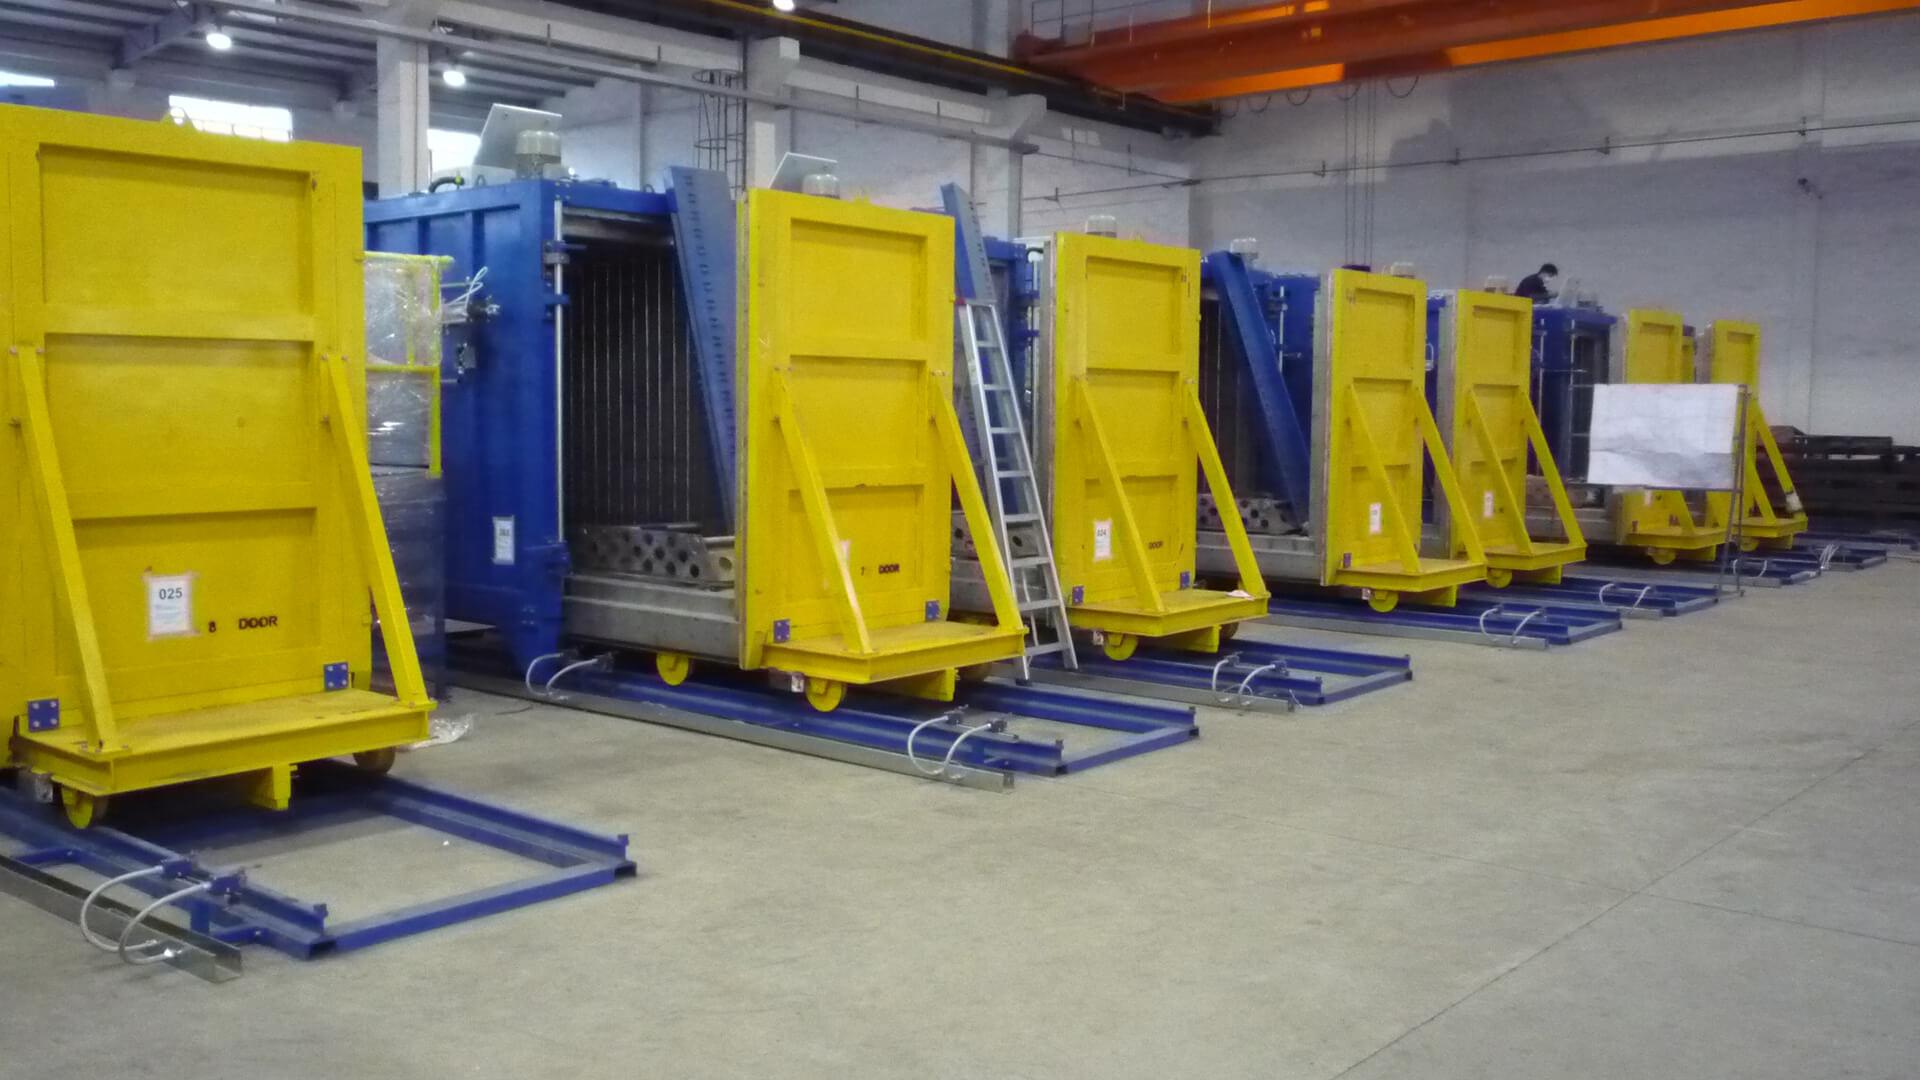 Forno industriale per Forni a circolazione forzata per preriscaldo matrici. Temperatura 600°C | Pagnotta Termomeccanica